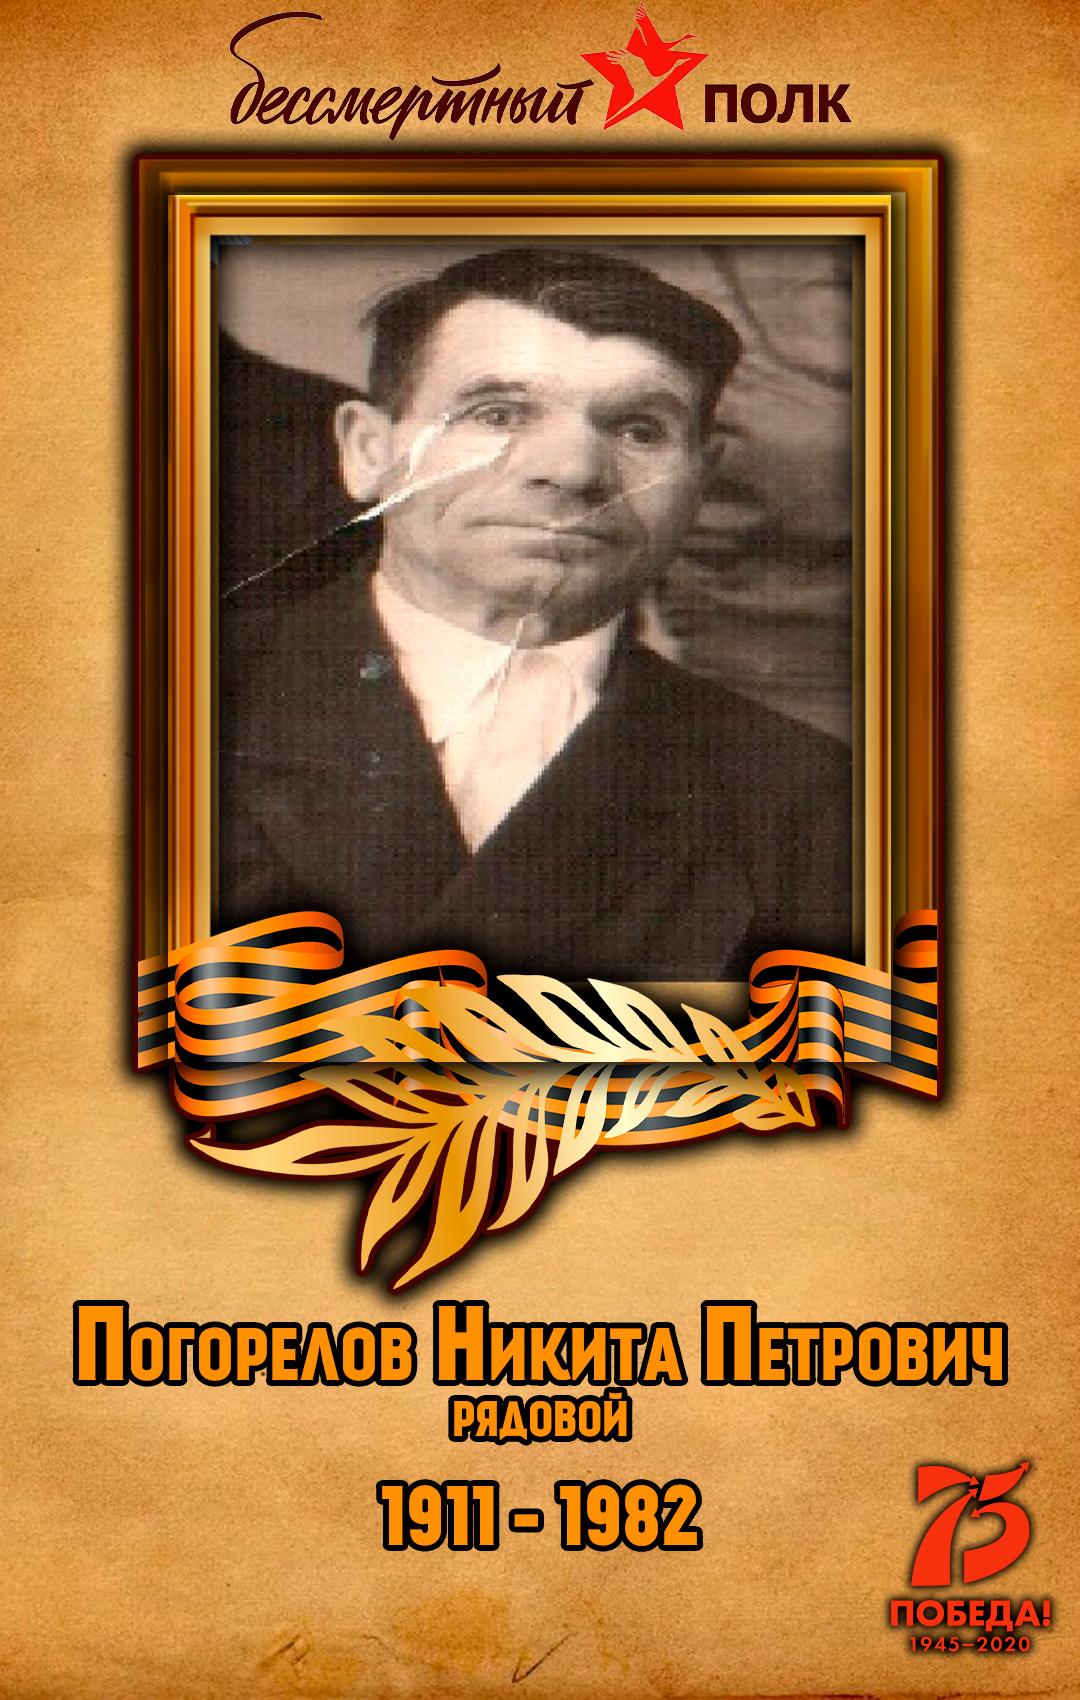 Погорелов-Никита-Петрович